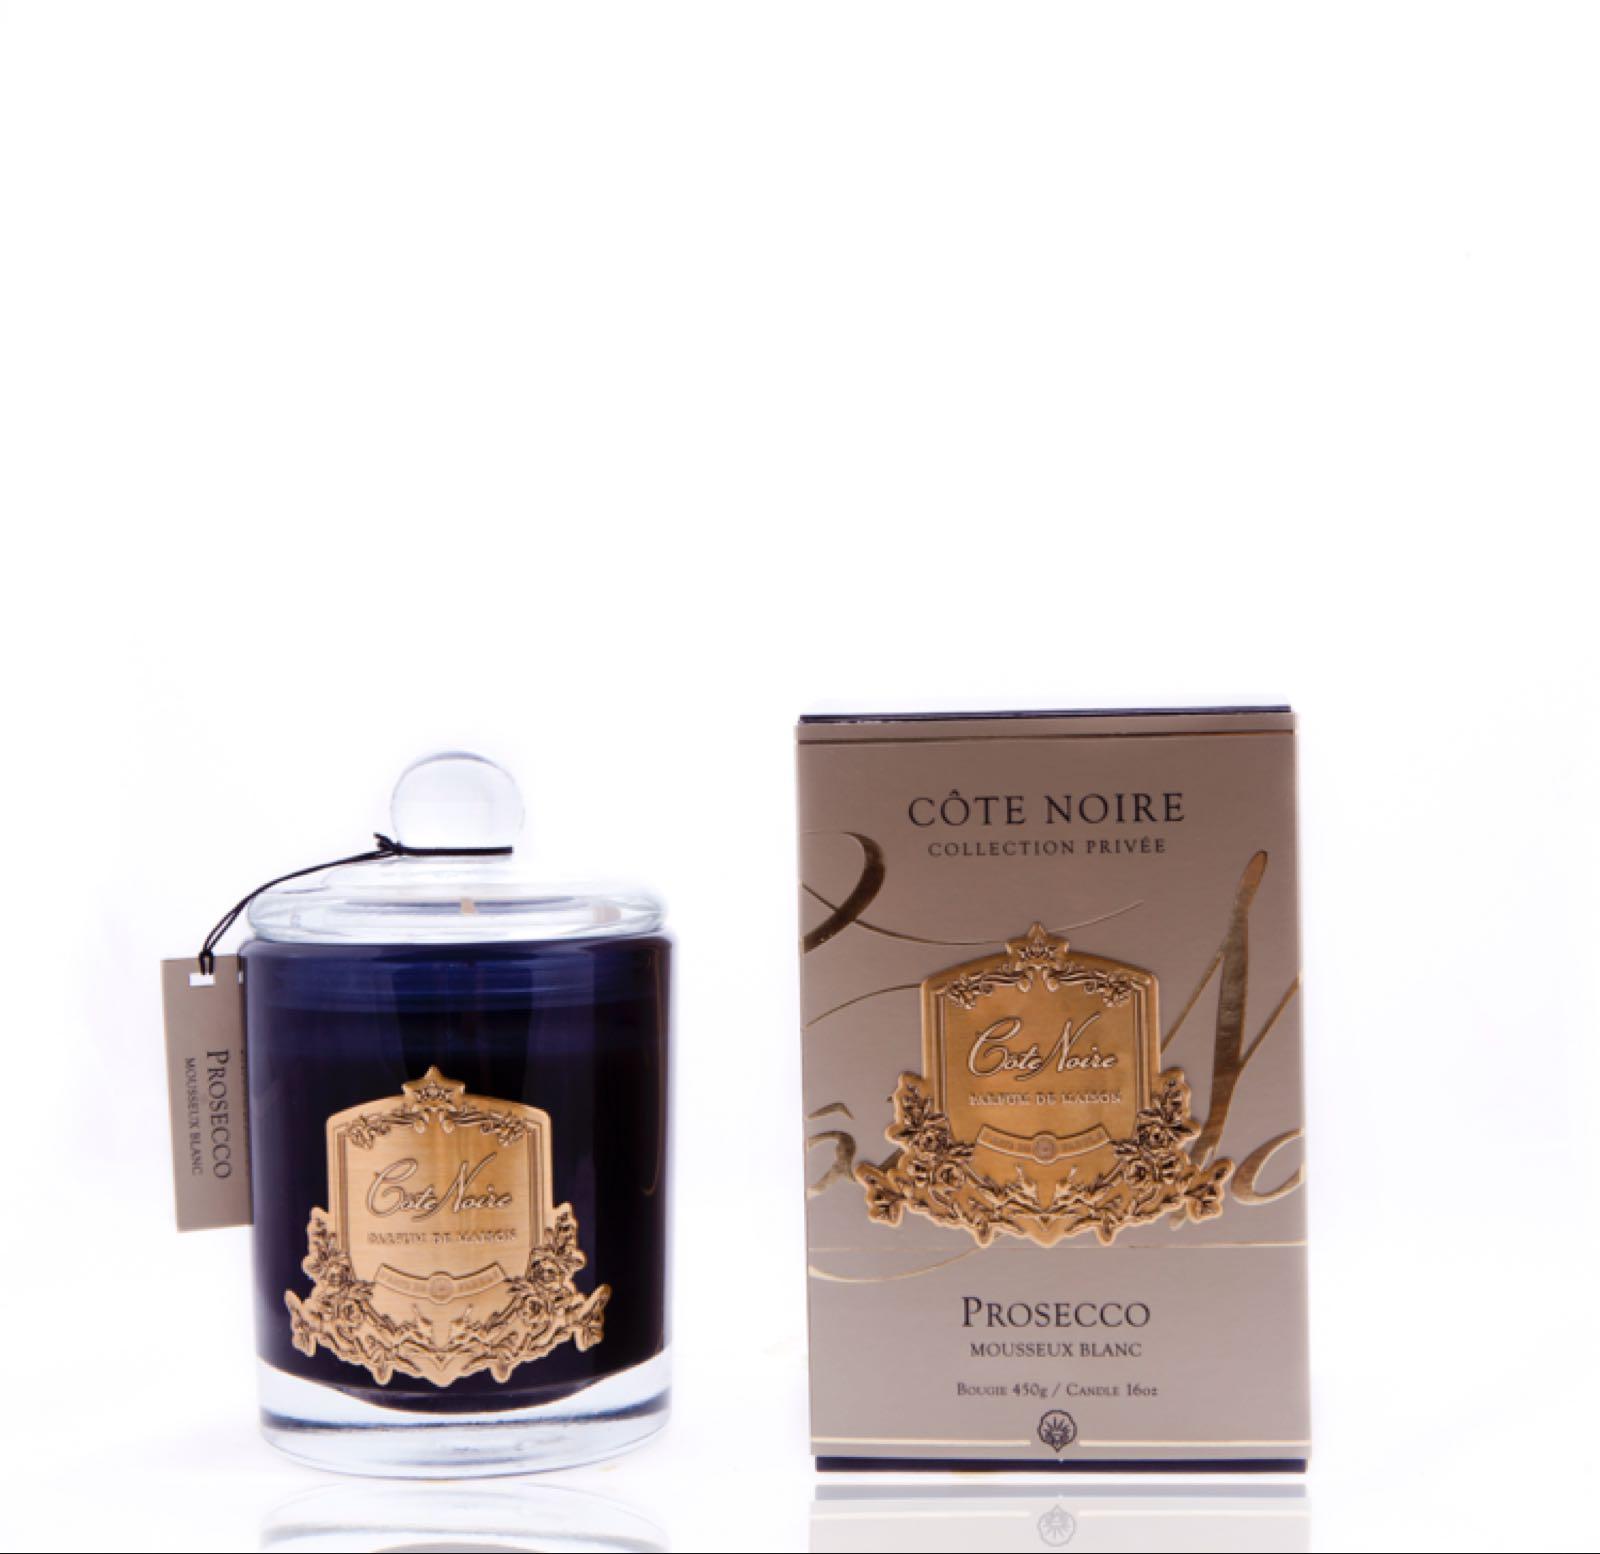 Cote noire Prosecco small 75g candle